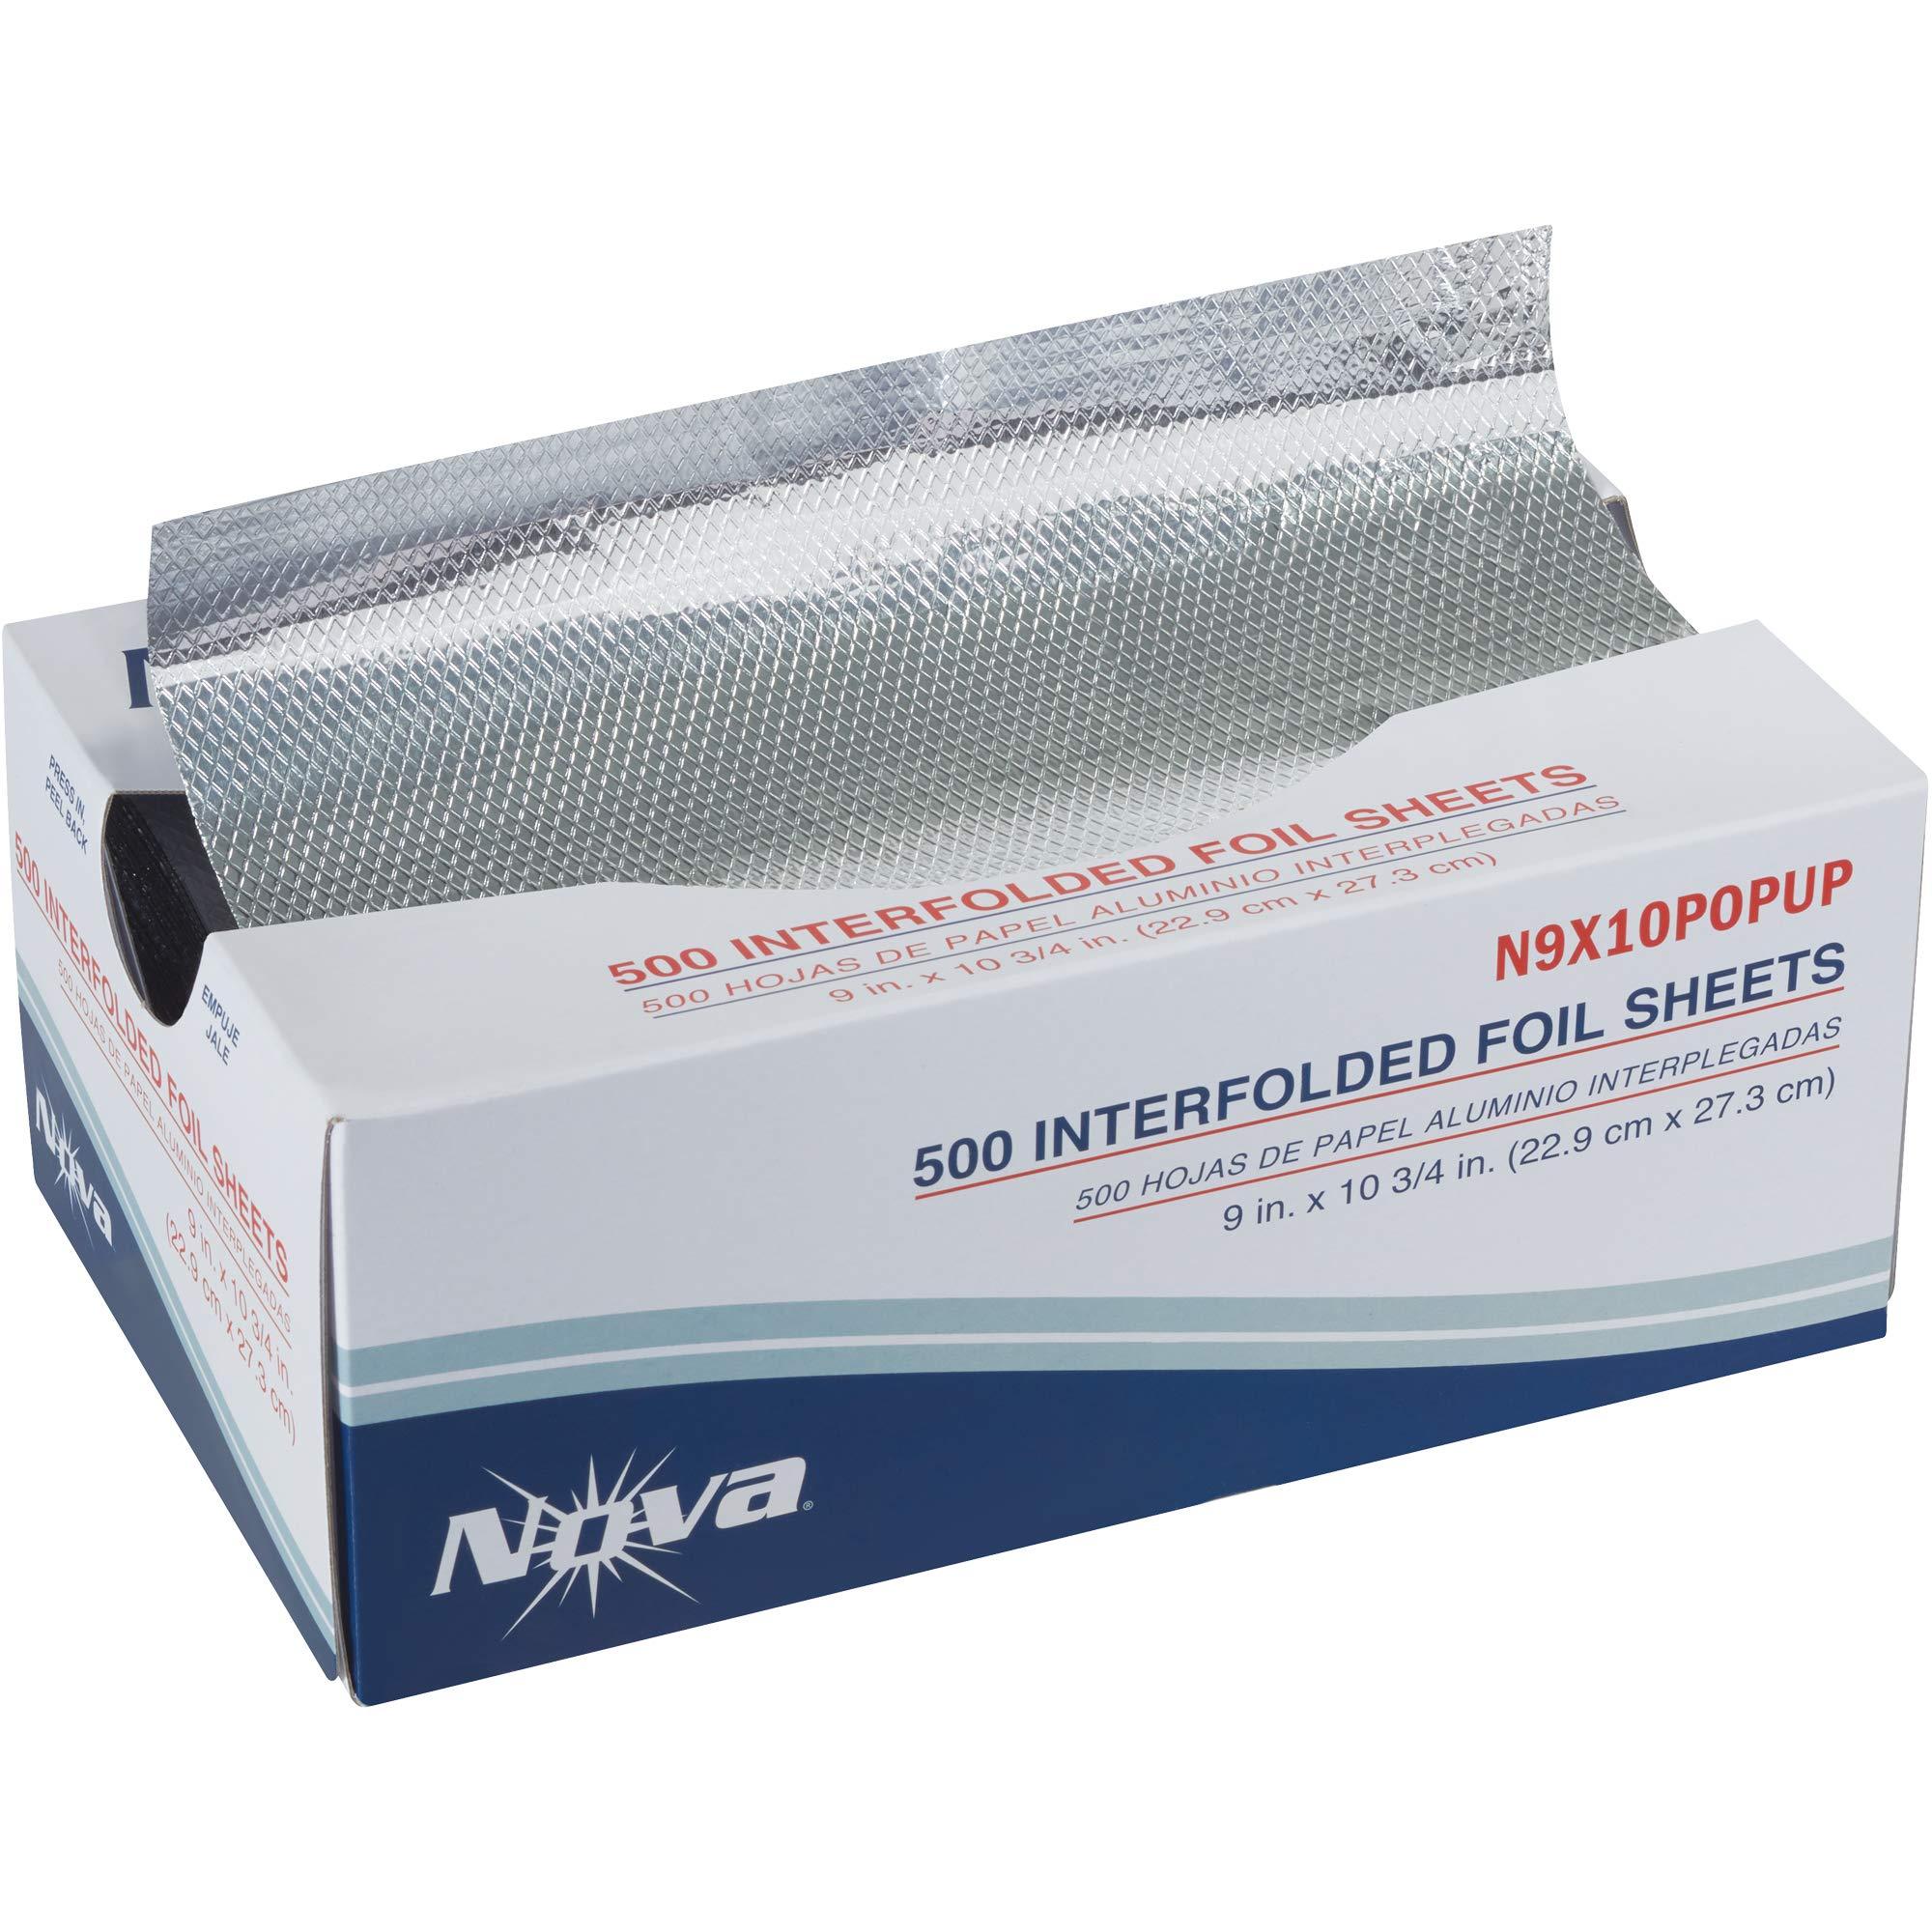 Aluminum Foil Pop-Up Sheets, 9 x 10 3/4'', Silver, 500/Case